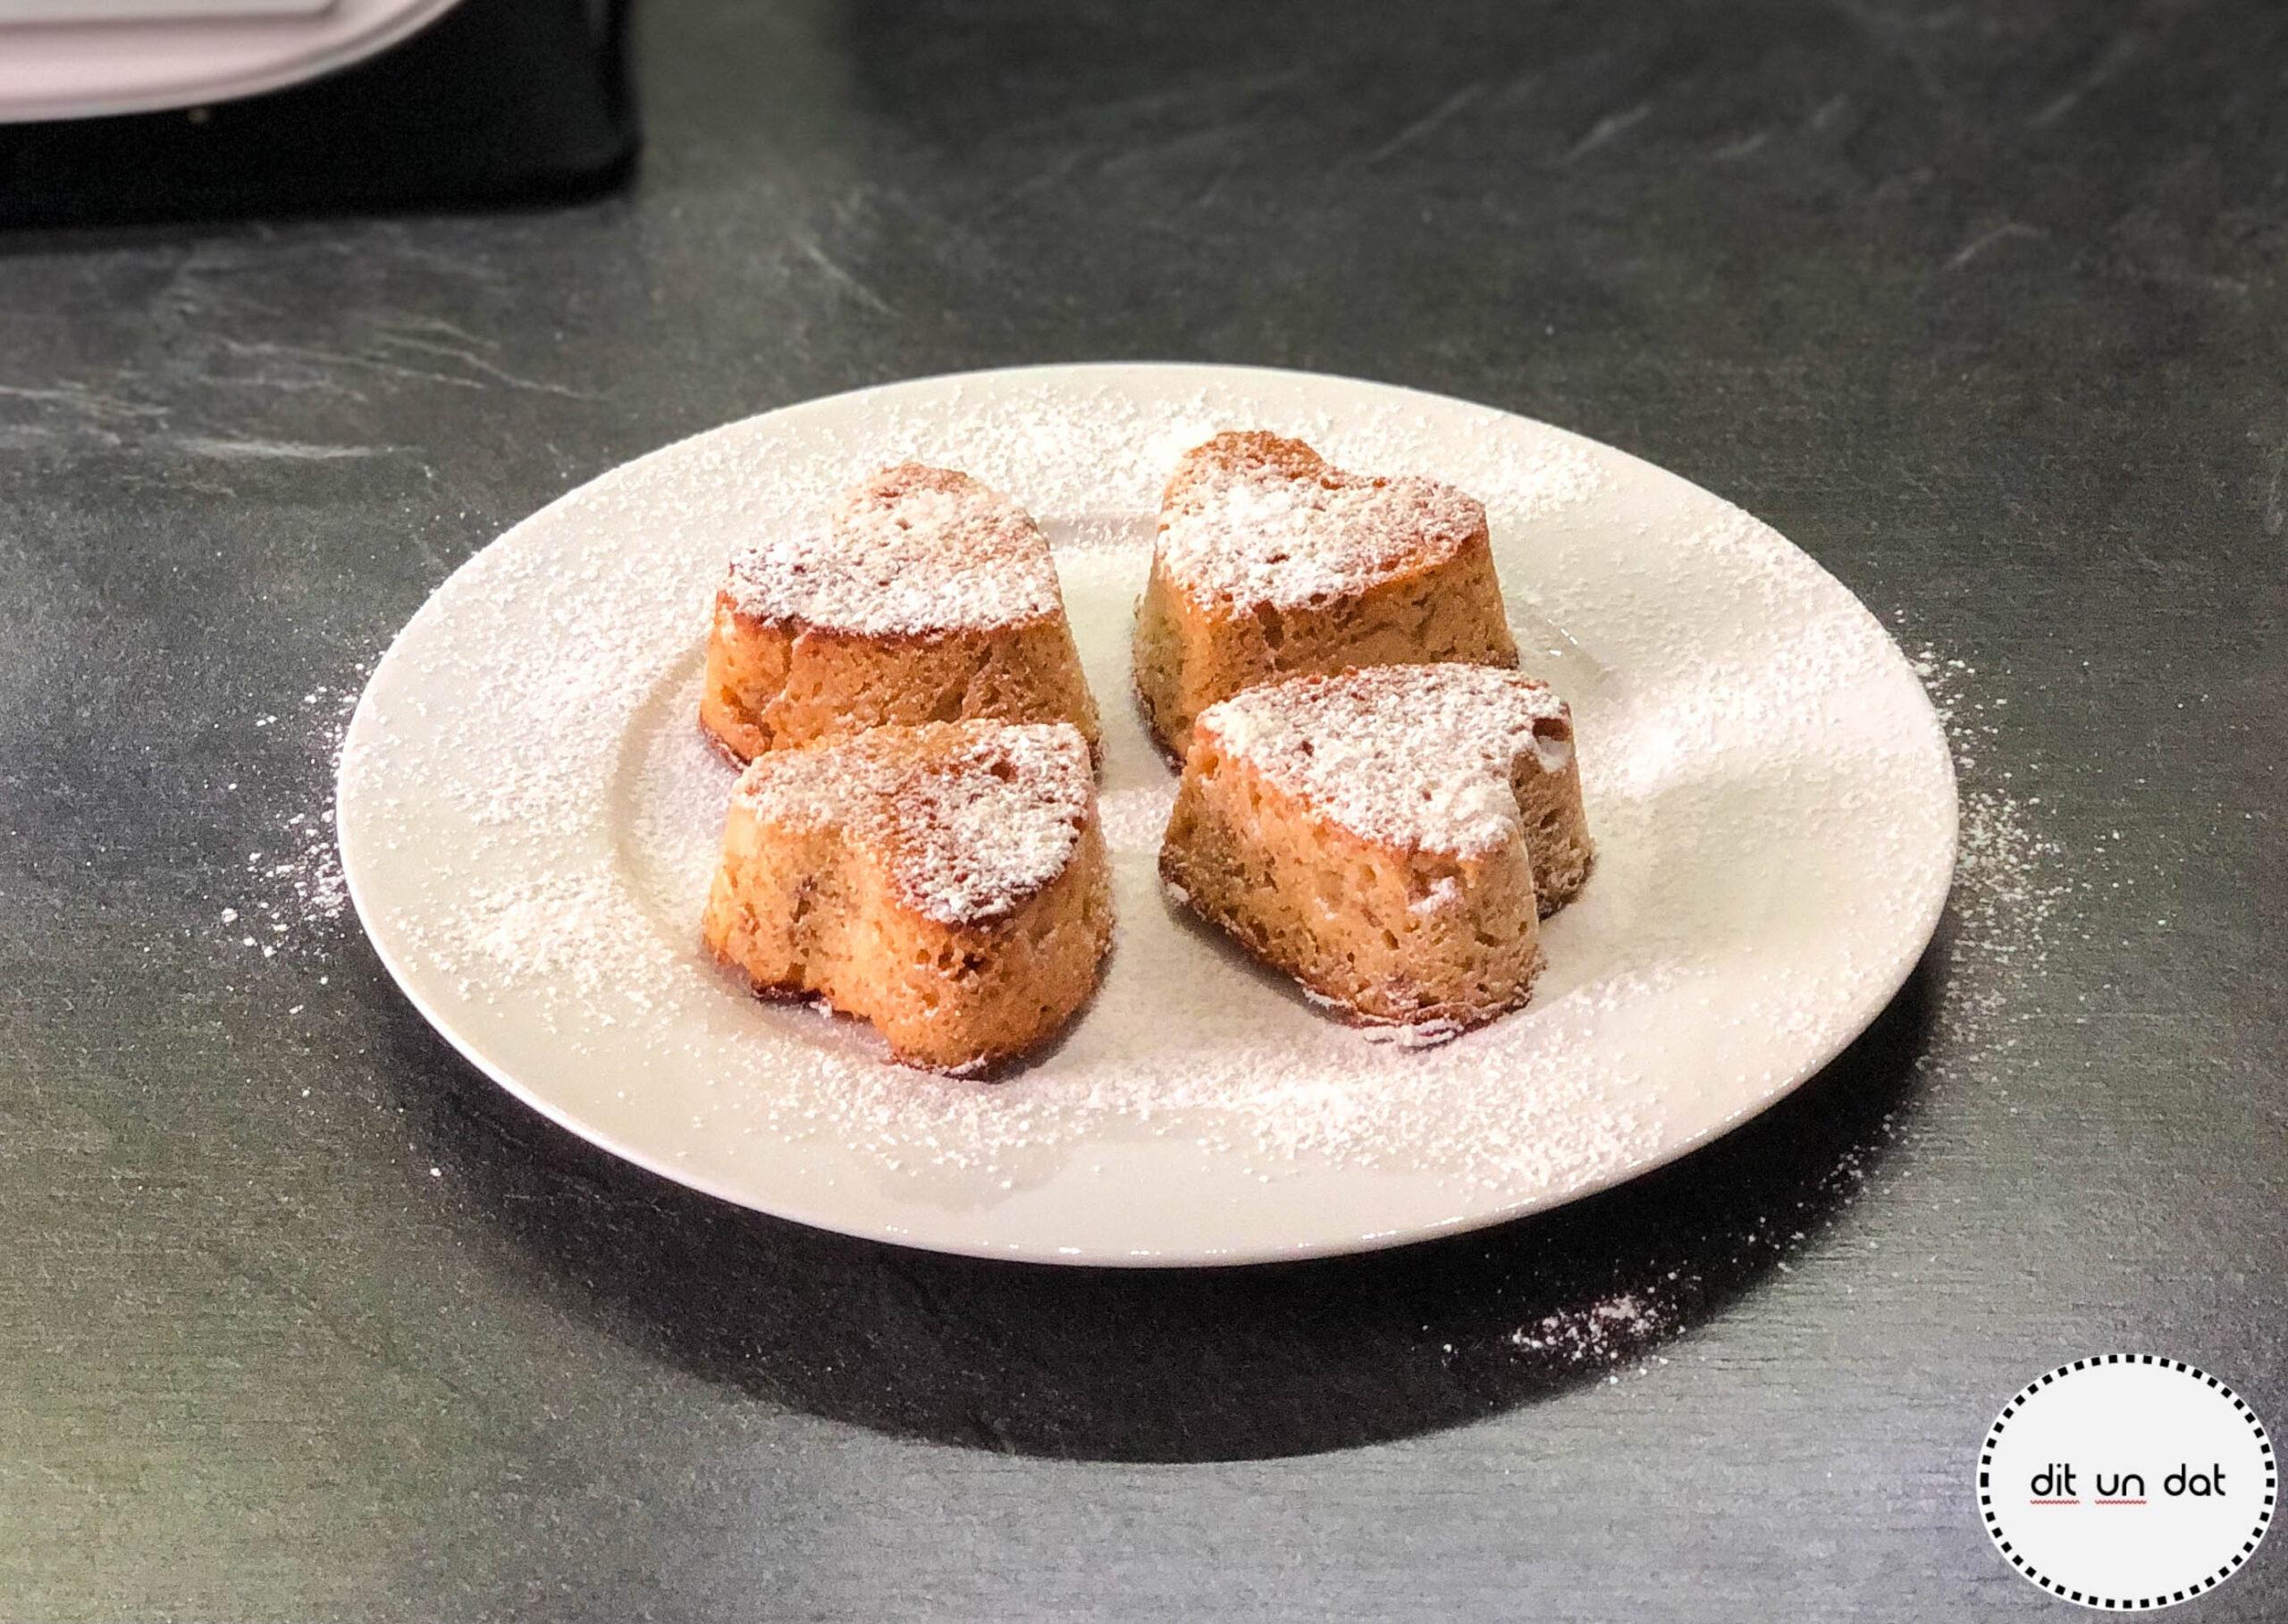 Ein Teller mit vier Feigenherzküchlein. Die spitzen innen zueinander angeordnet, mit Puderzucker bestäubbt.